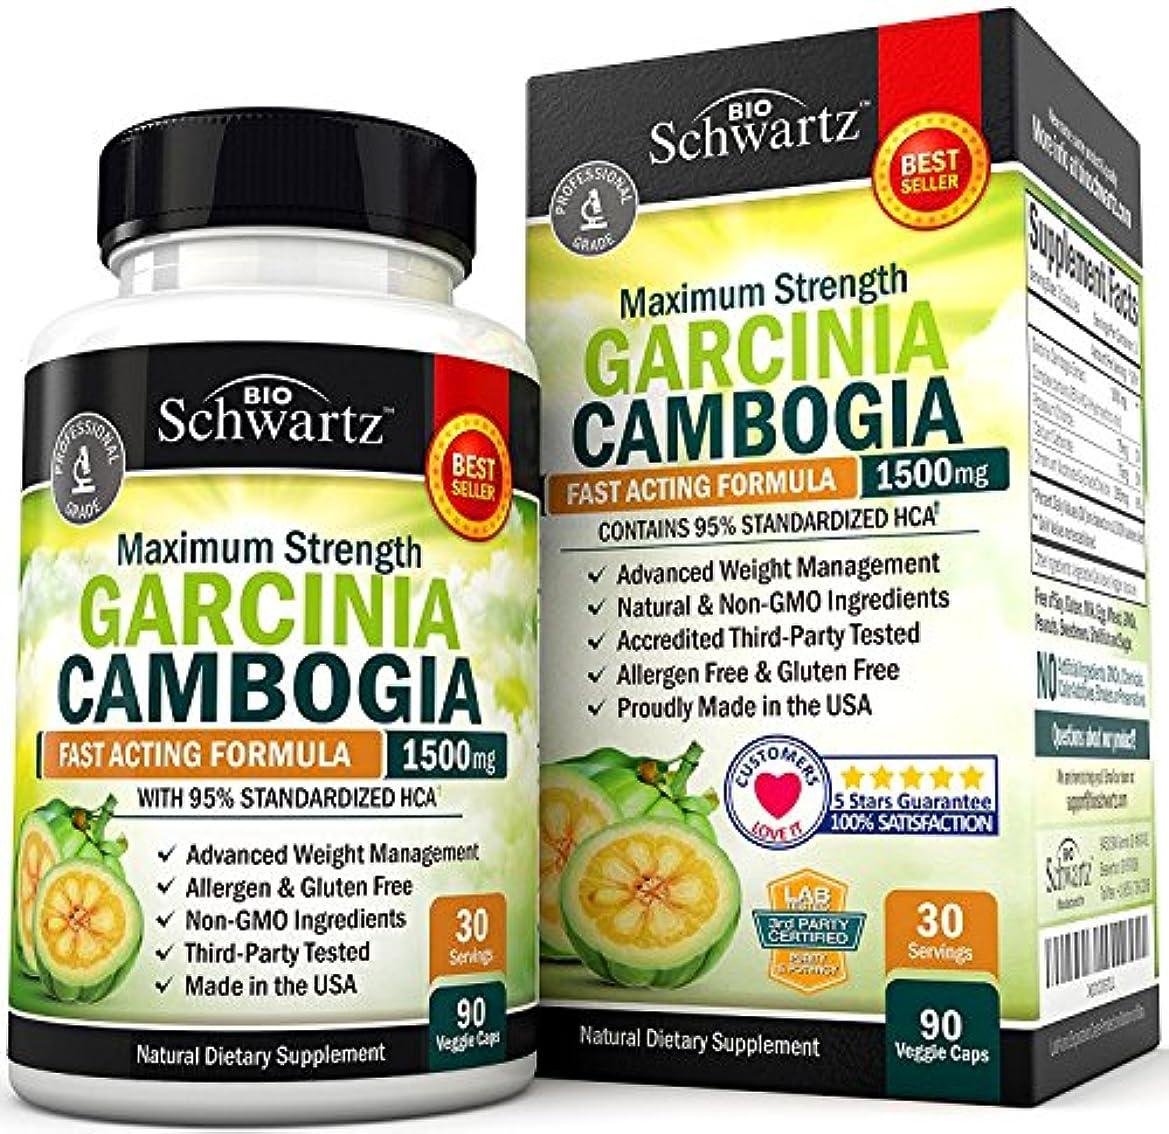 咲く炎上恥ずかしいBioSchwartz ガルシニア カンボジア Garcinia Cambogia 95% HCA 1500mg 90粒